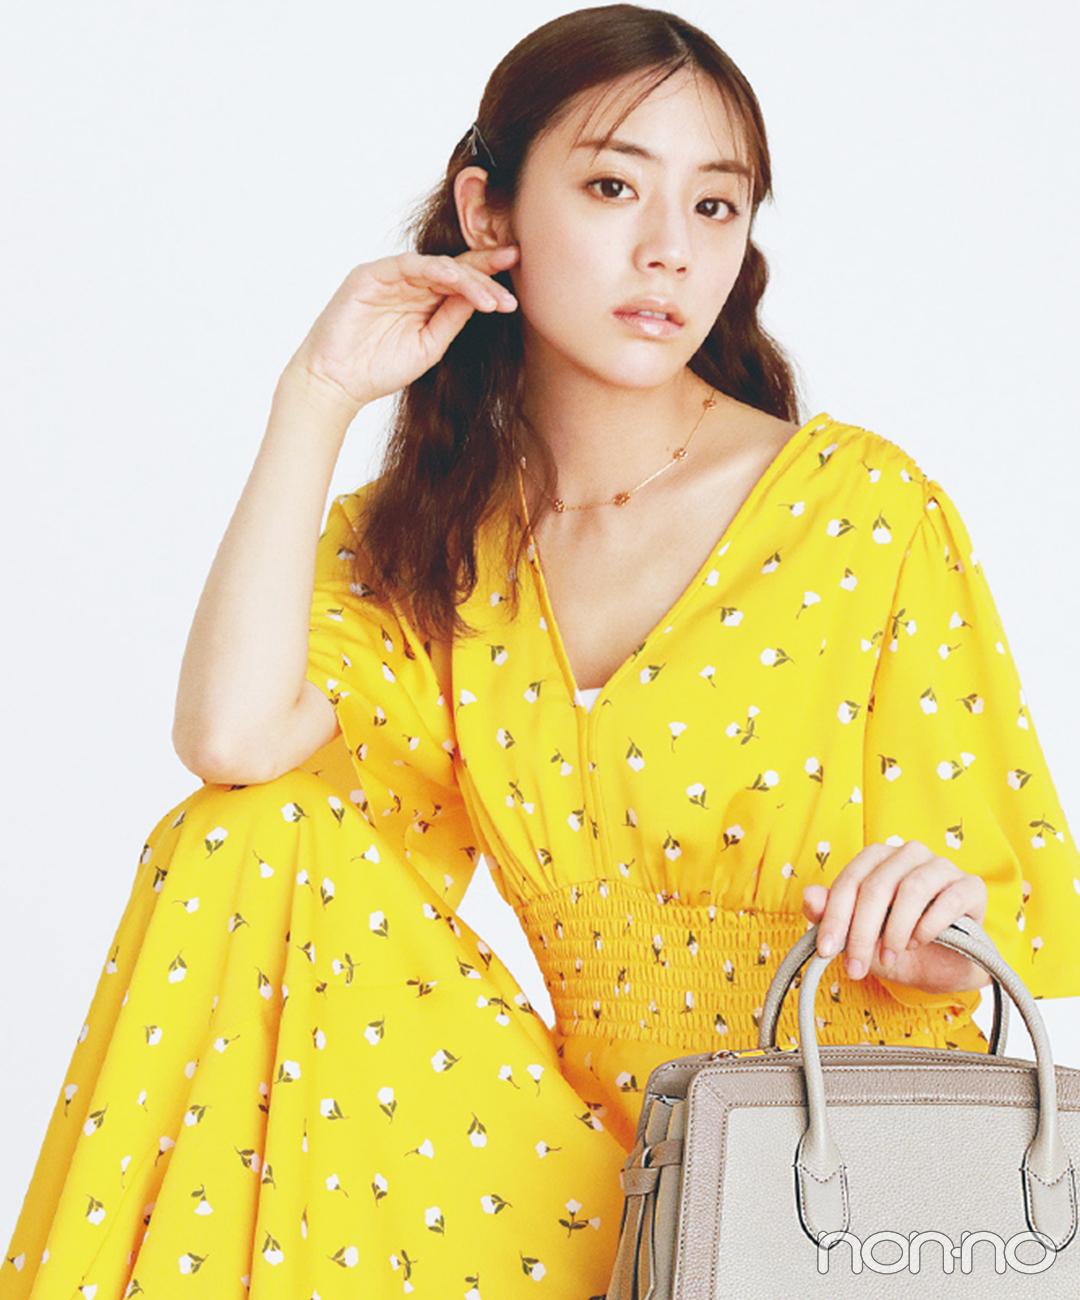 Photo Gallery 天気予報の女神&大人気モデル! 貴島明日香フォトギャラリー_1_15